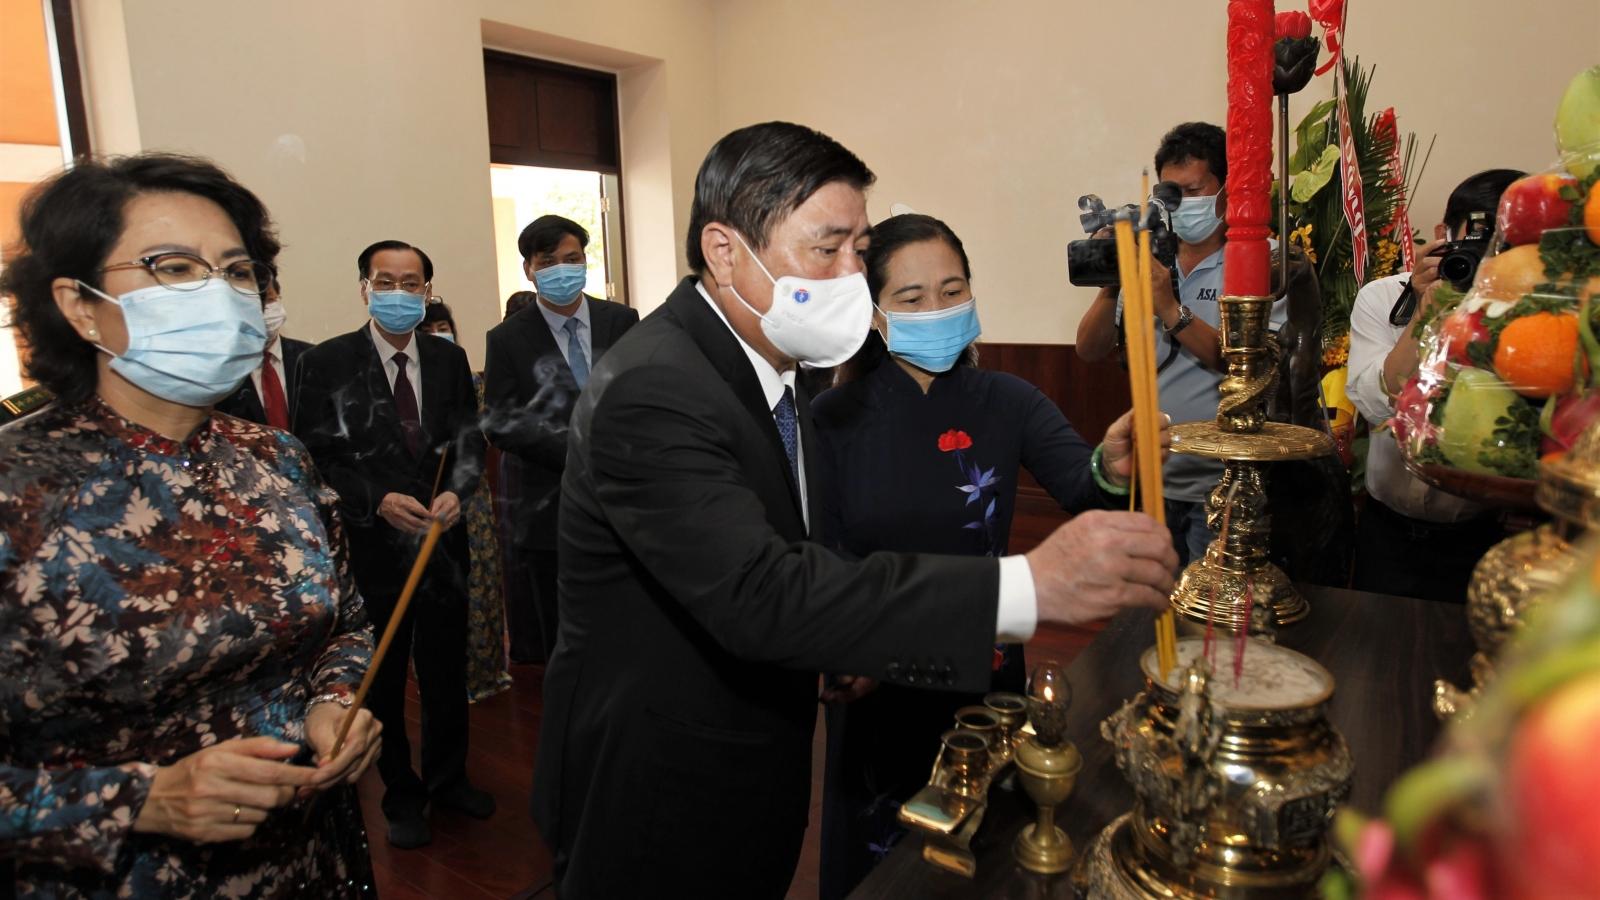 Lãnh đạo TPHCM dâng hương tưởng niệm Chủ tịch Hồ Chí Minh và các Anh hùng liệt sĩ